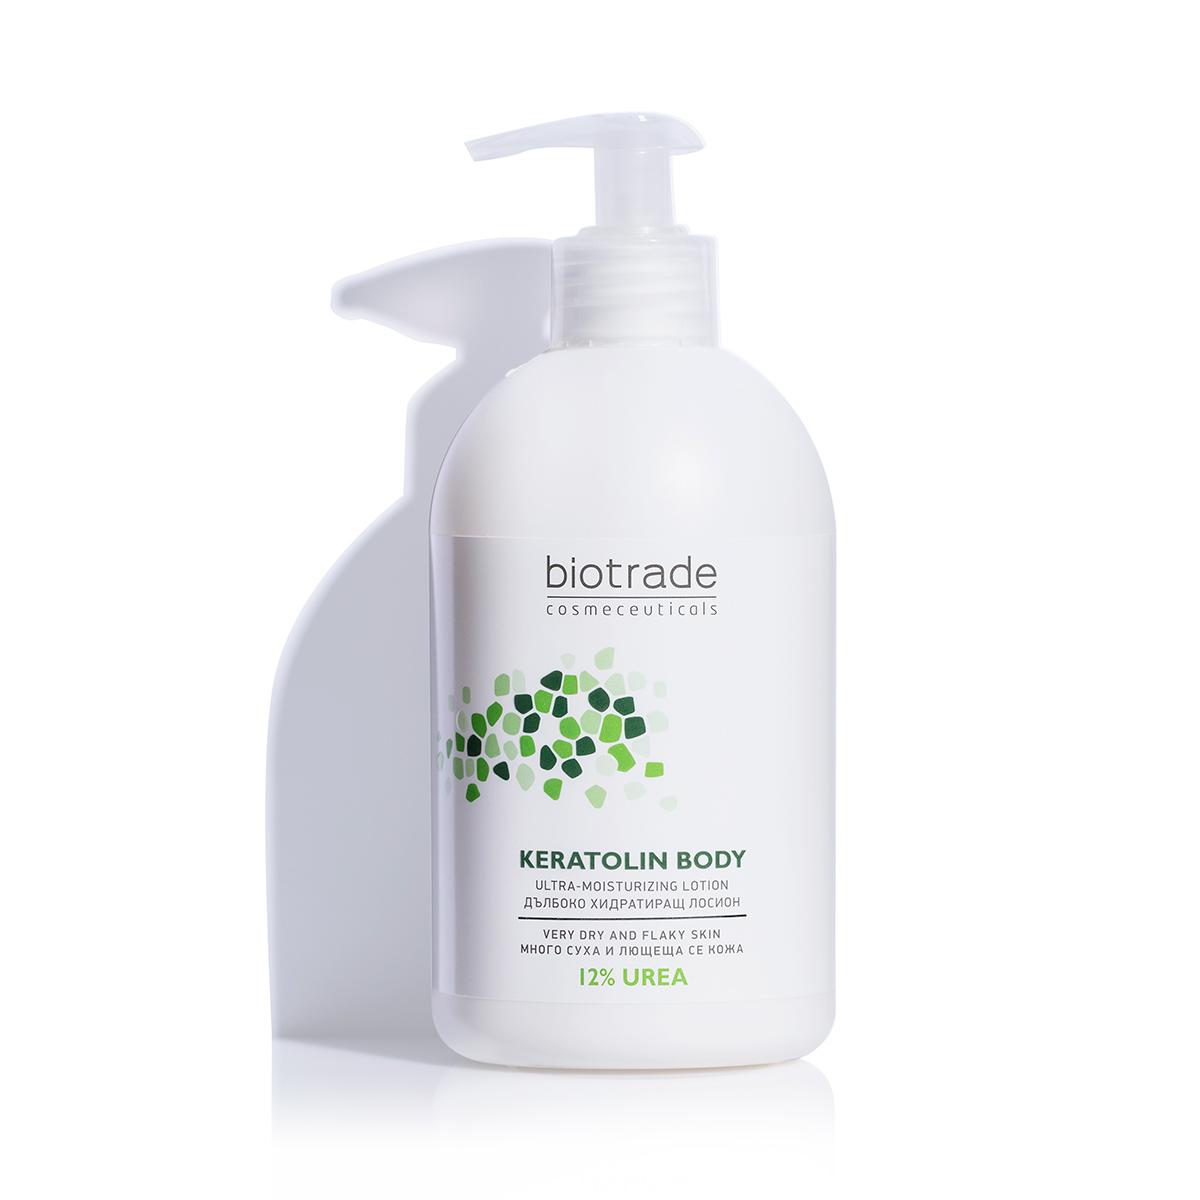 Lotiune pentru corp cu uree 12% Keratolin, 400ml, Biotrade drmax.ro